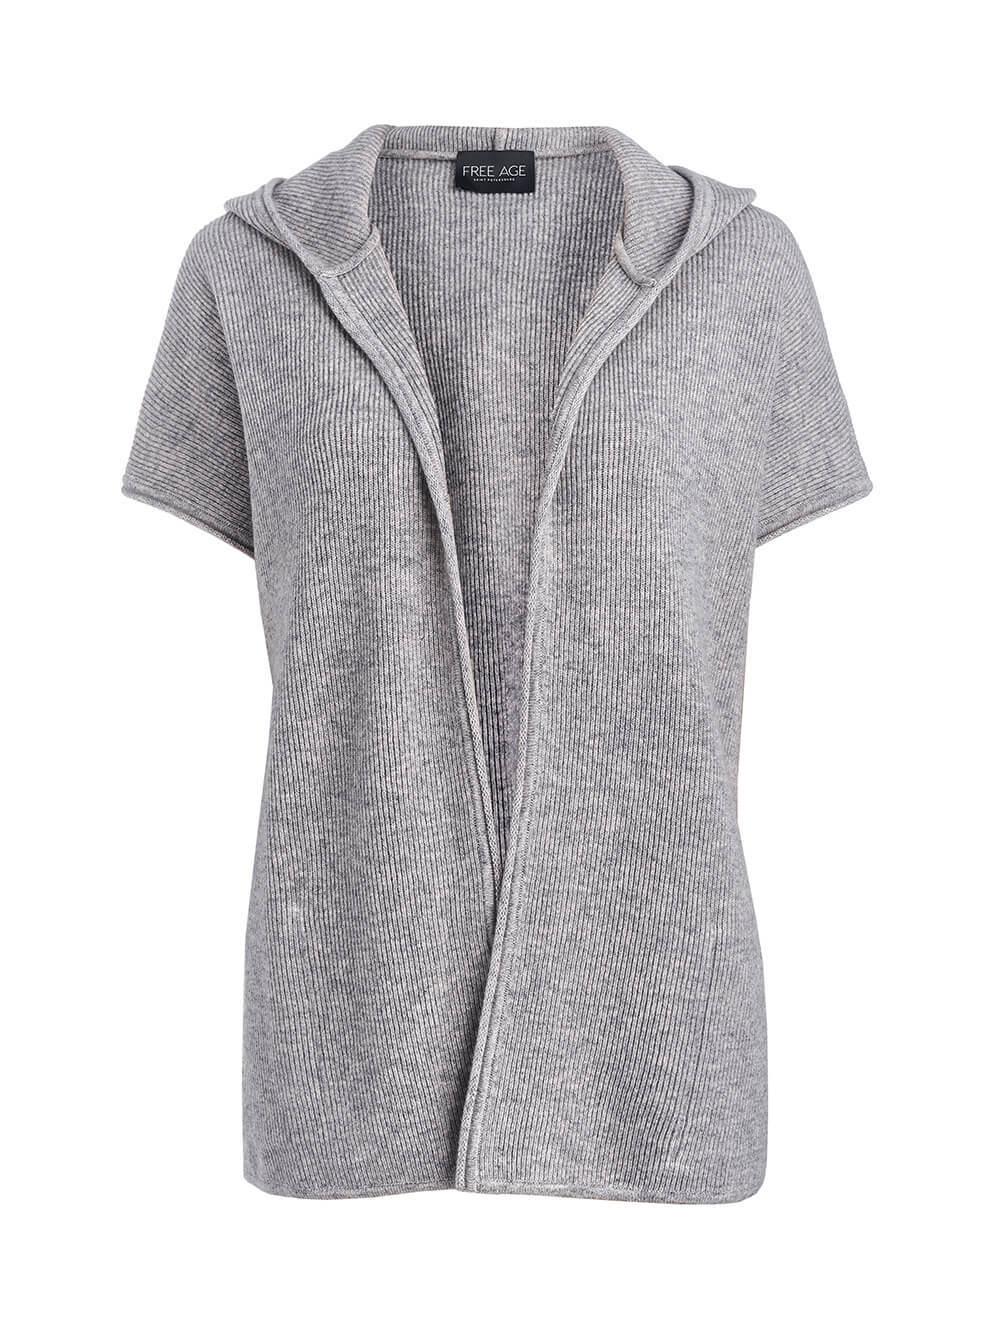 Женский жилет светло-серого цвета из 100% кашемира - фото 1